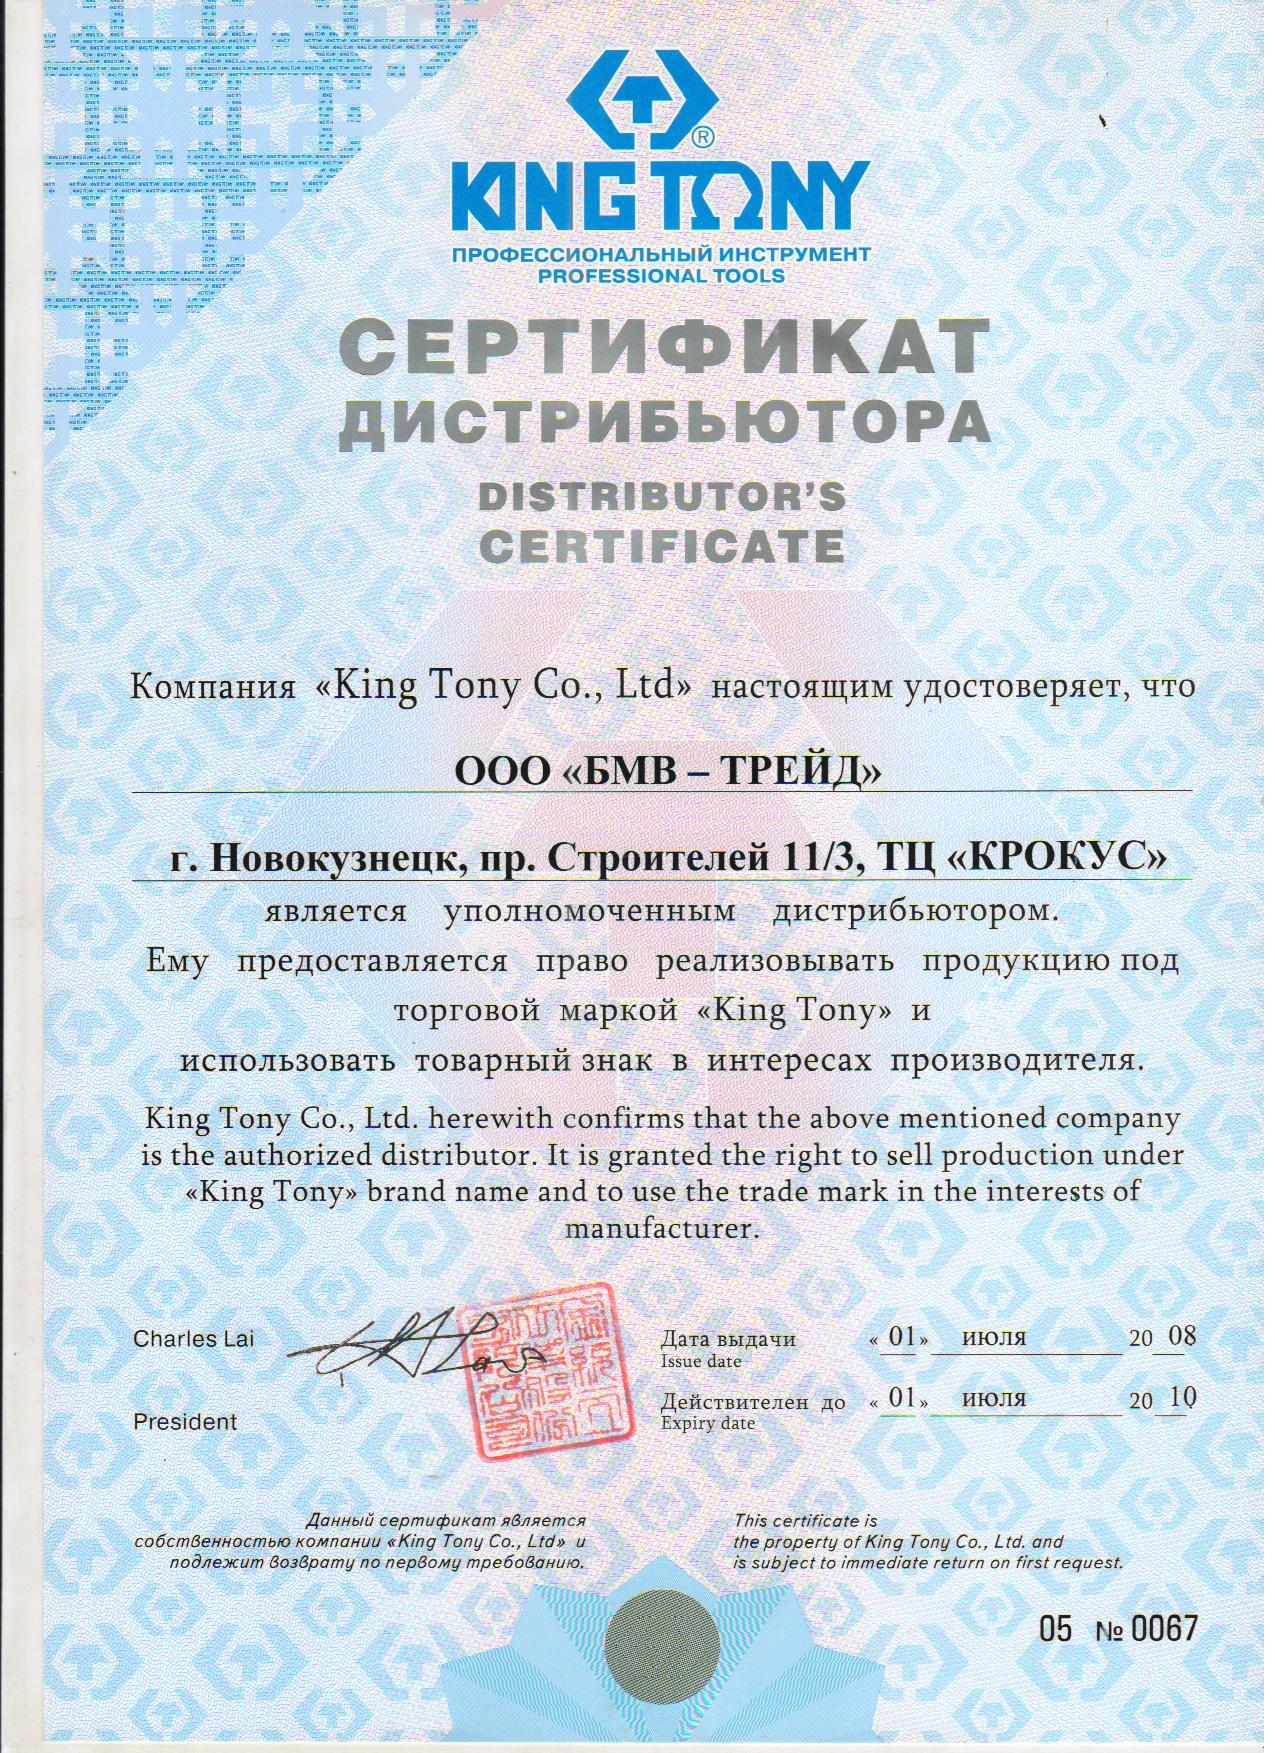 Сертификат дилера King Nony. БМВ-Трейд